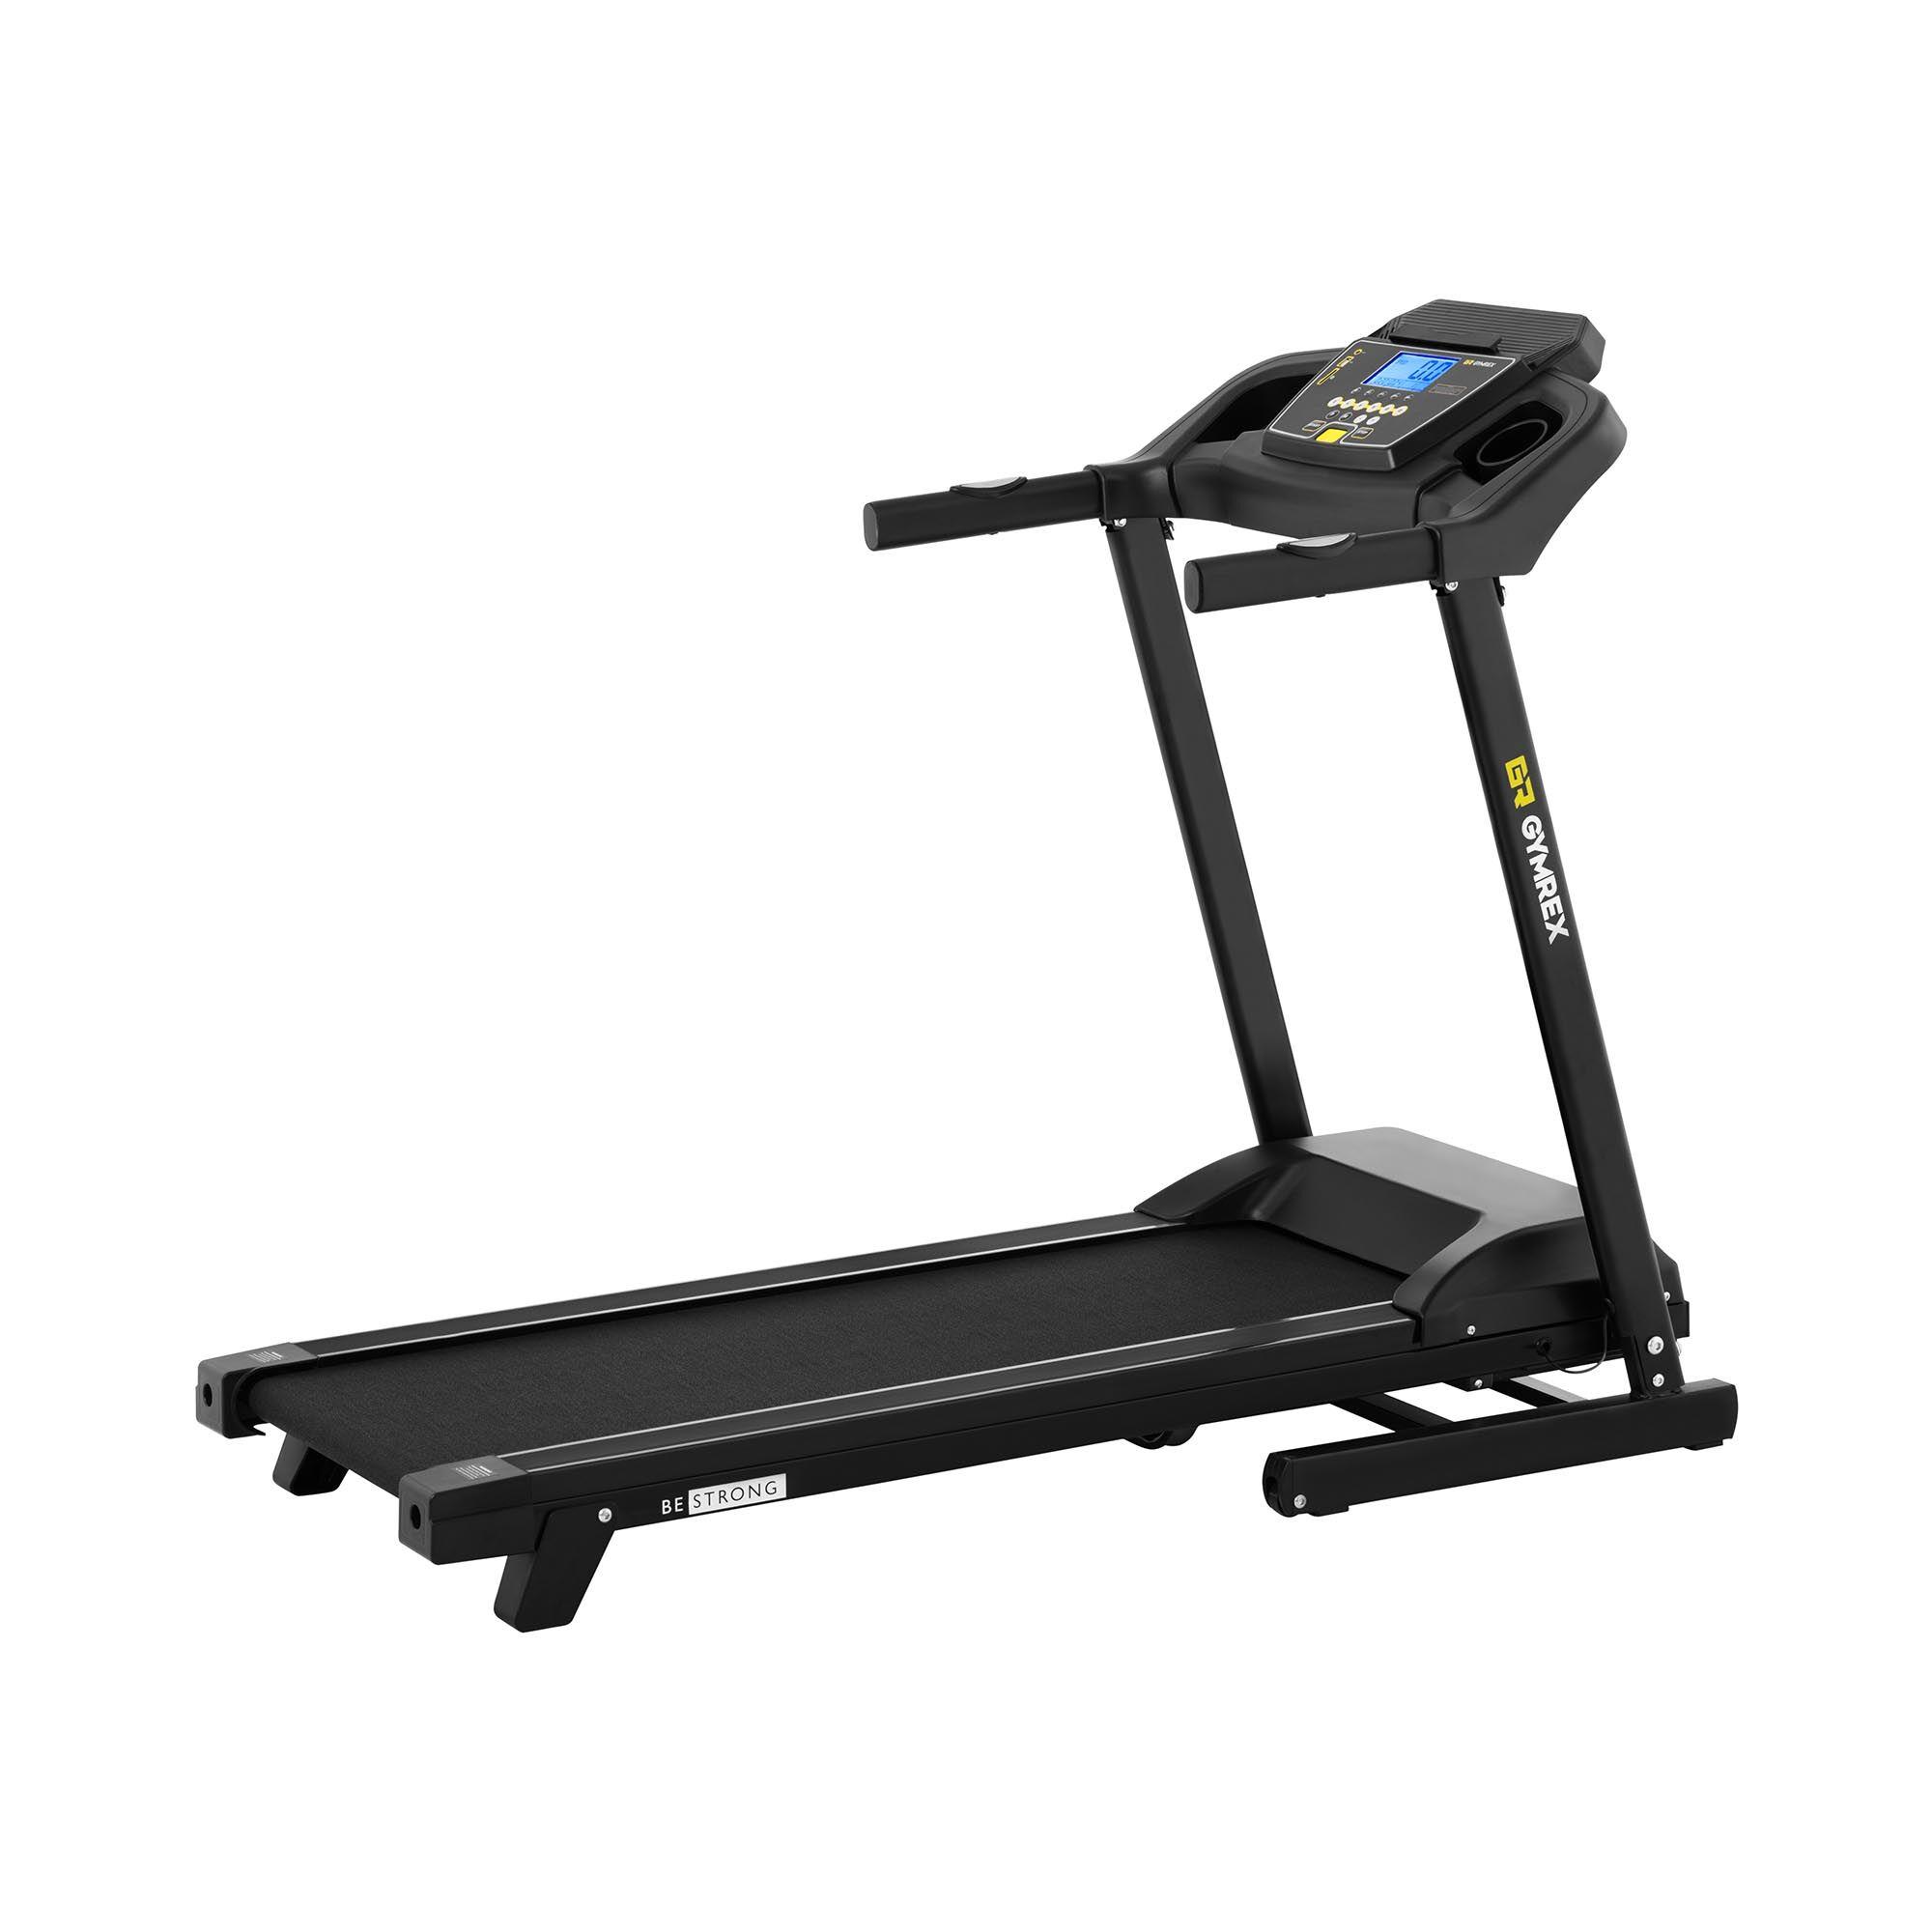 gymrex tapis roulant pieghevole - 1.471 w - da 1 a 12 km/h - 120 kg - 2 livelli di inclinazione gr-mg31